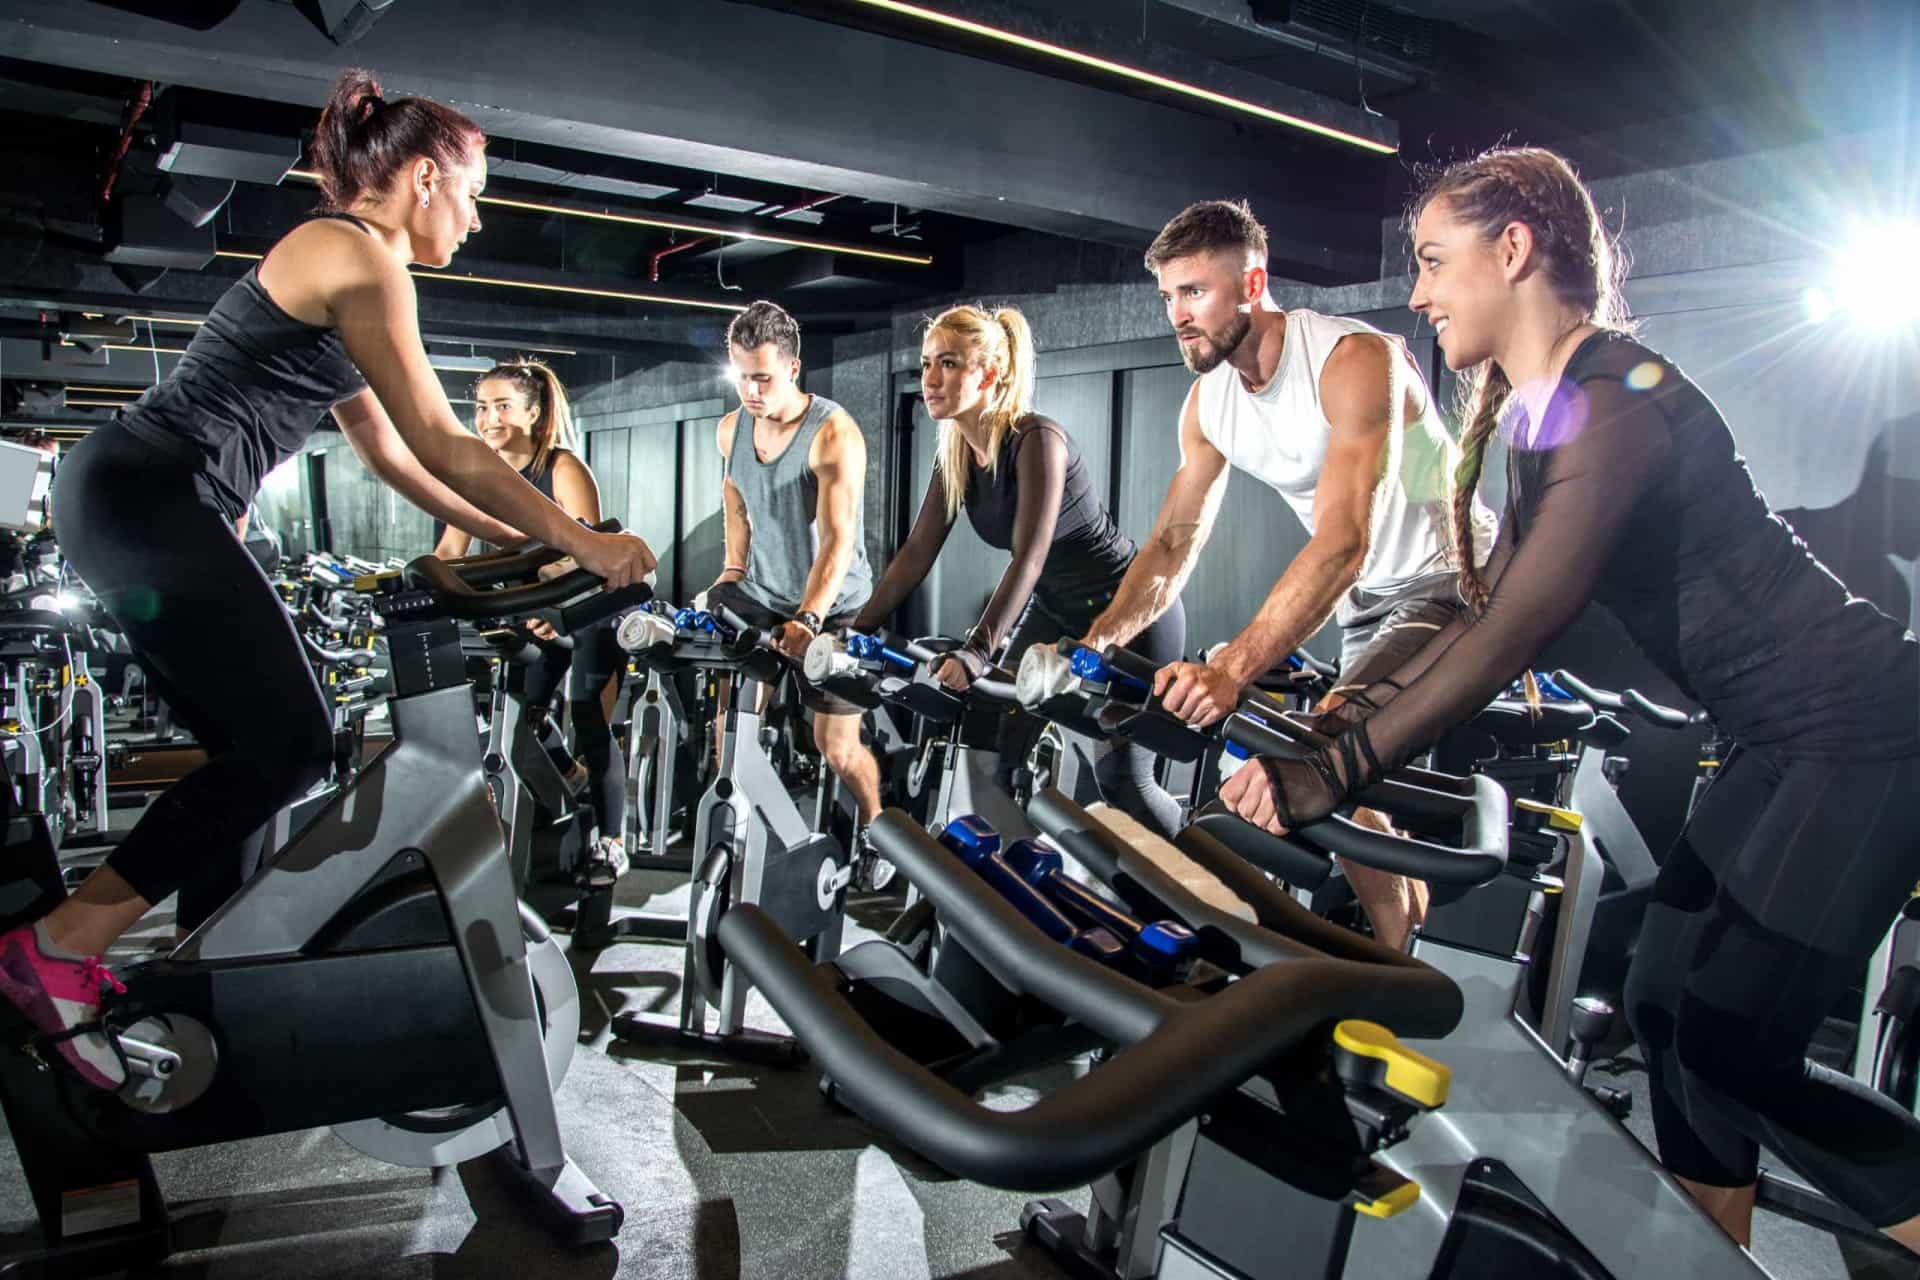 Spor Salonuna Yeni Başlayanlar İçin İlk Gün Tavsiyeleri